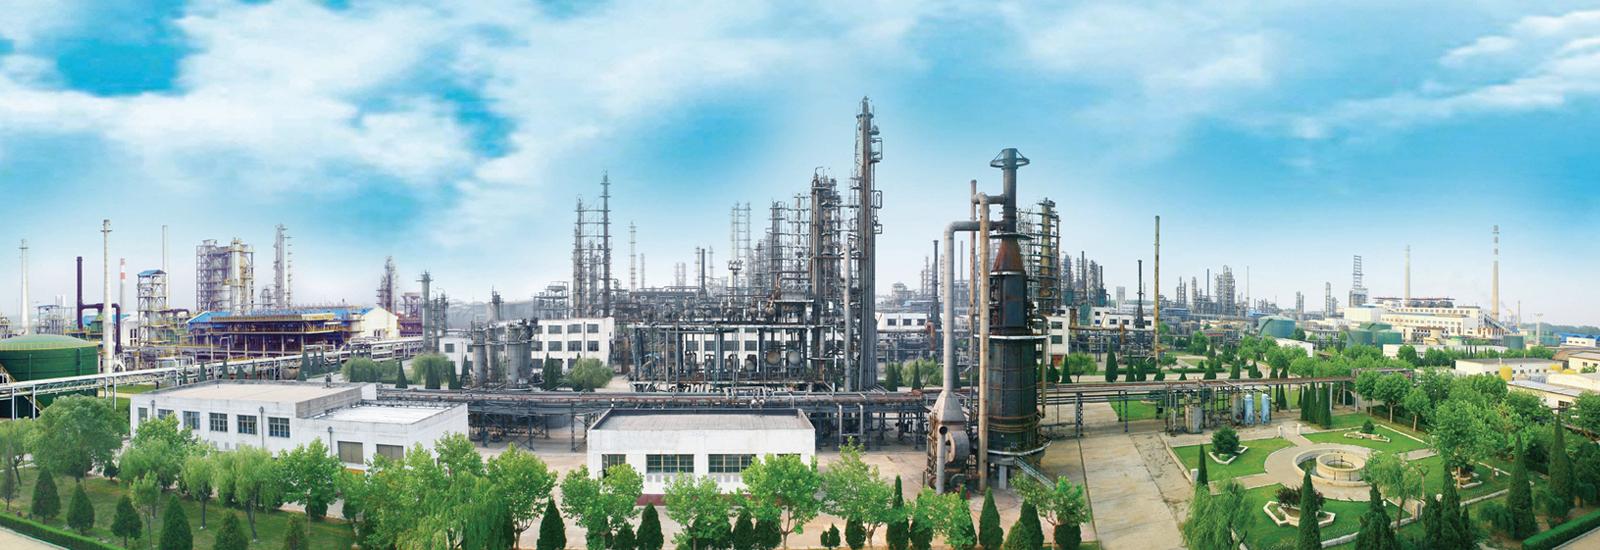 多聚甲醛设备厂家